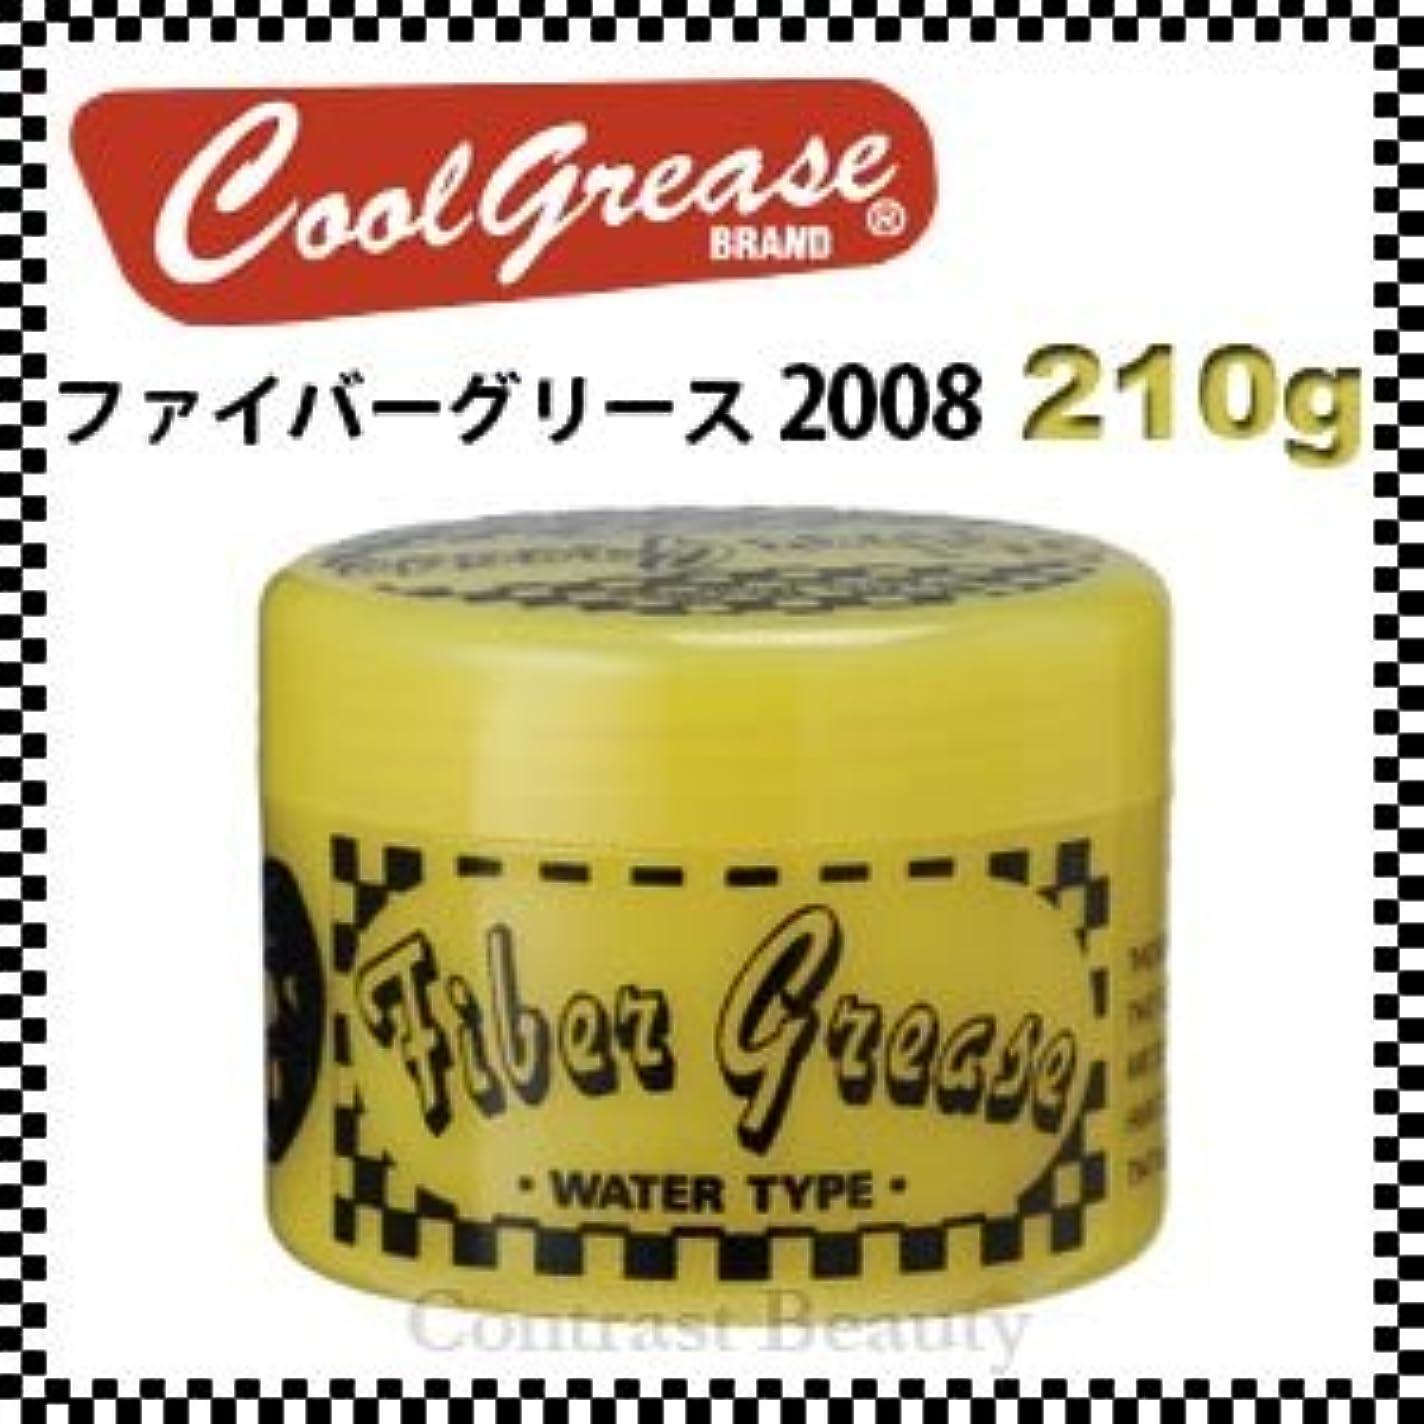 コーデリア小石祖母【X3個セット】 阪本高生堂 ファイバーグリース 2008 210g